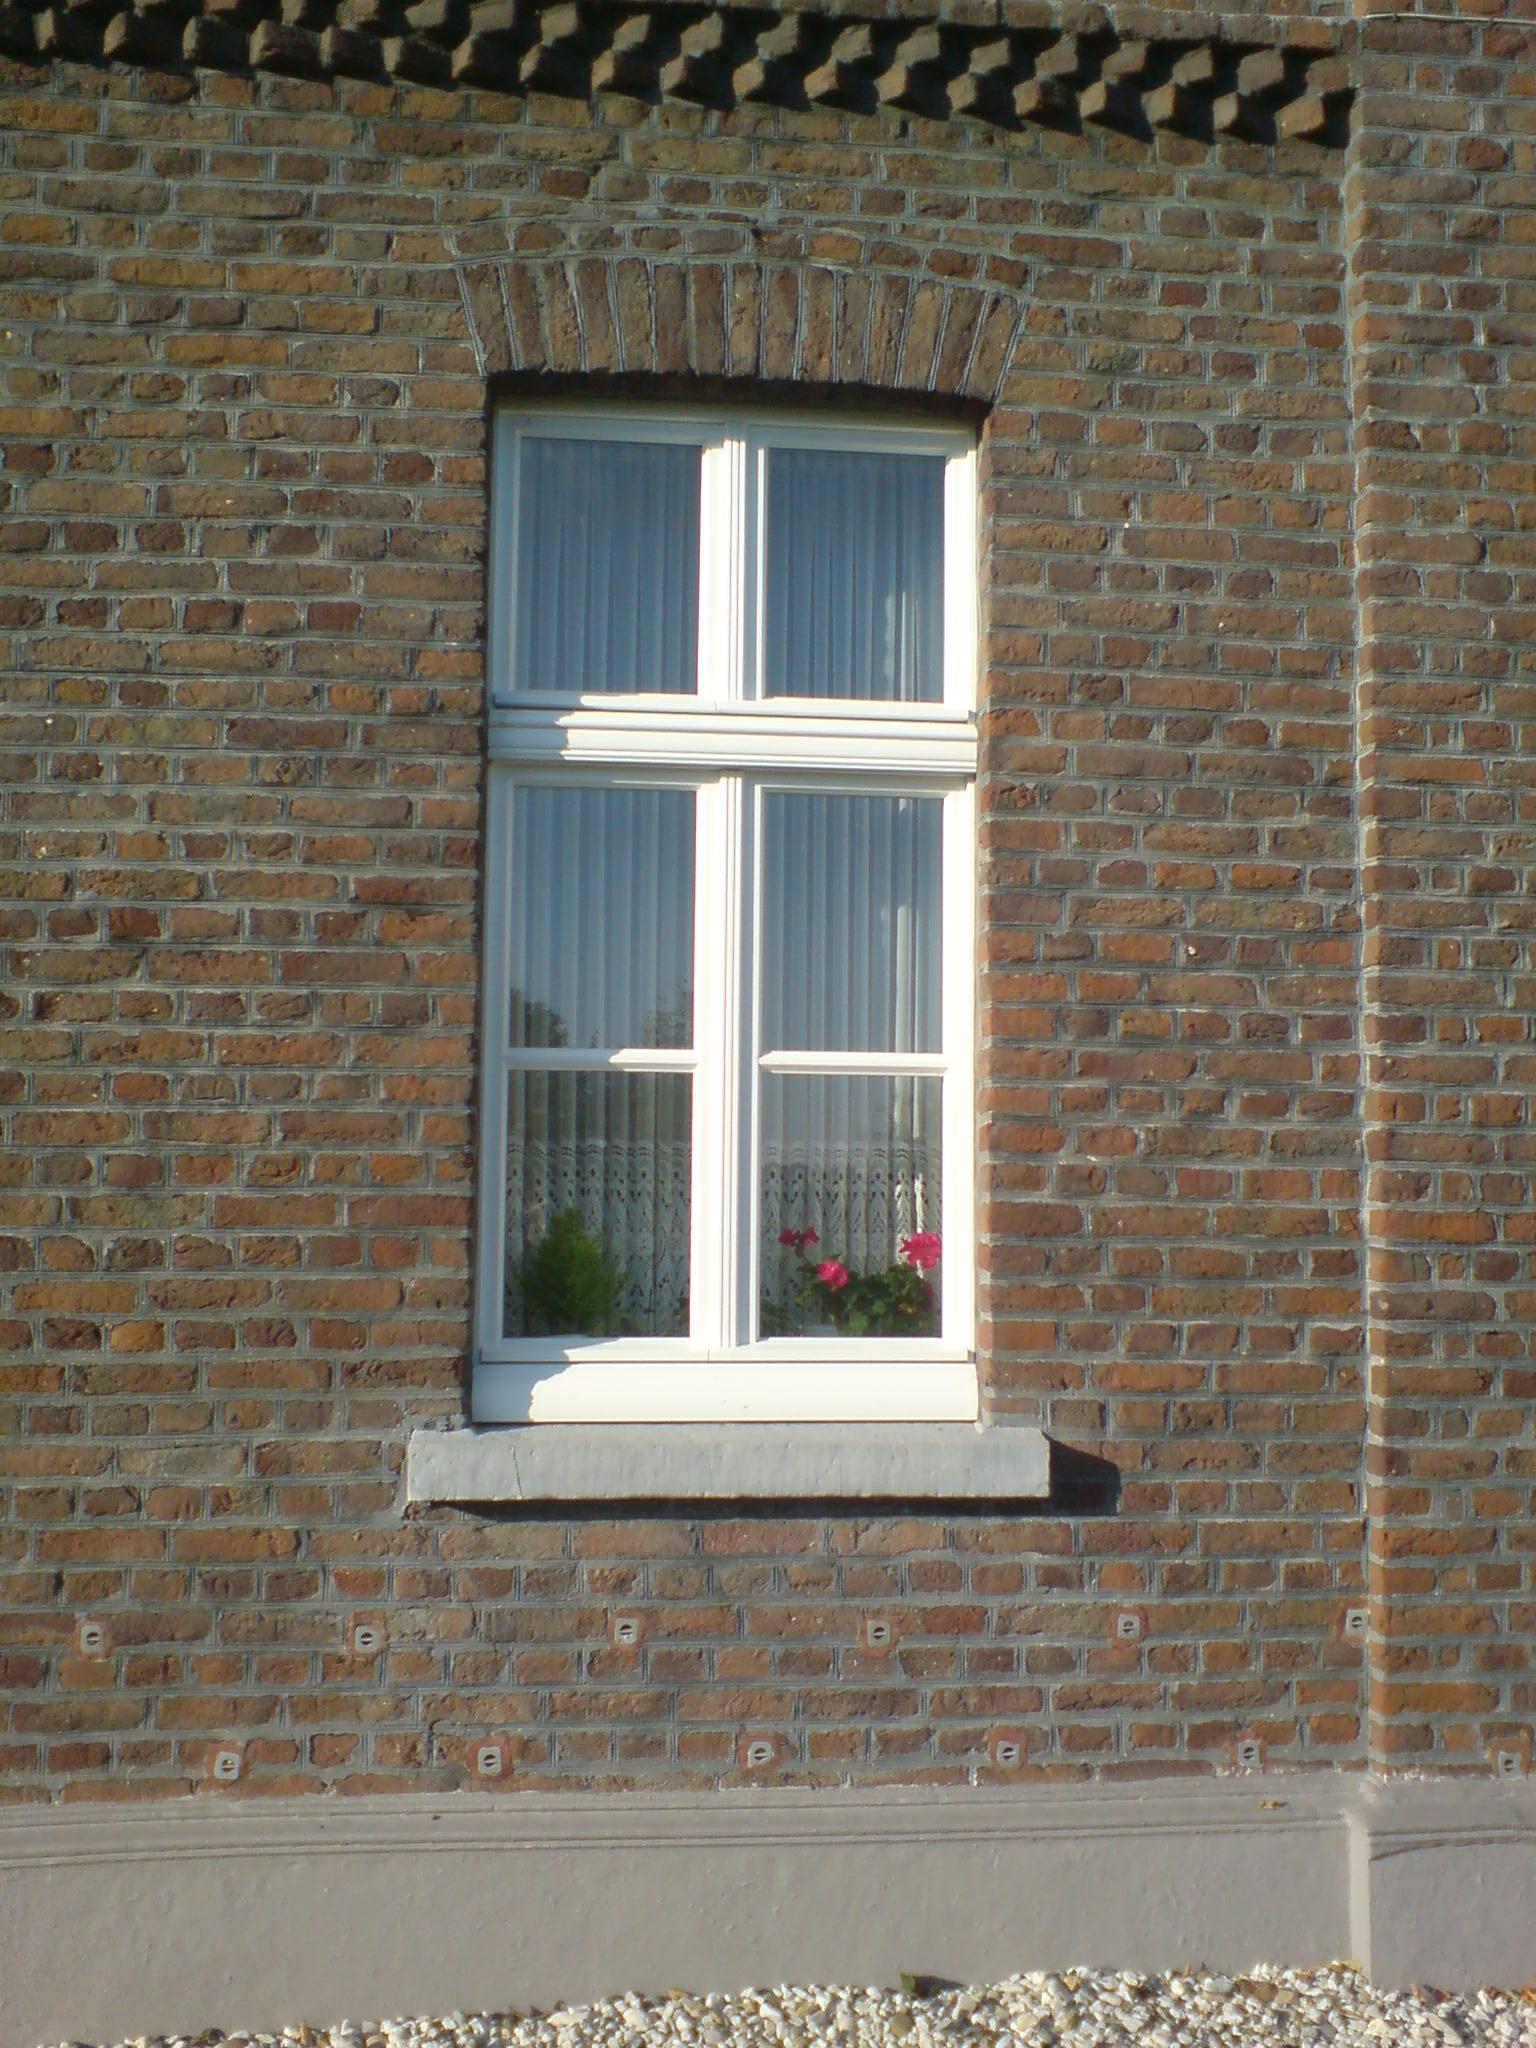 Fenster von frontal Fotografiert